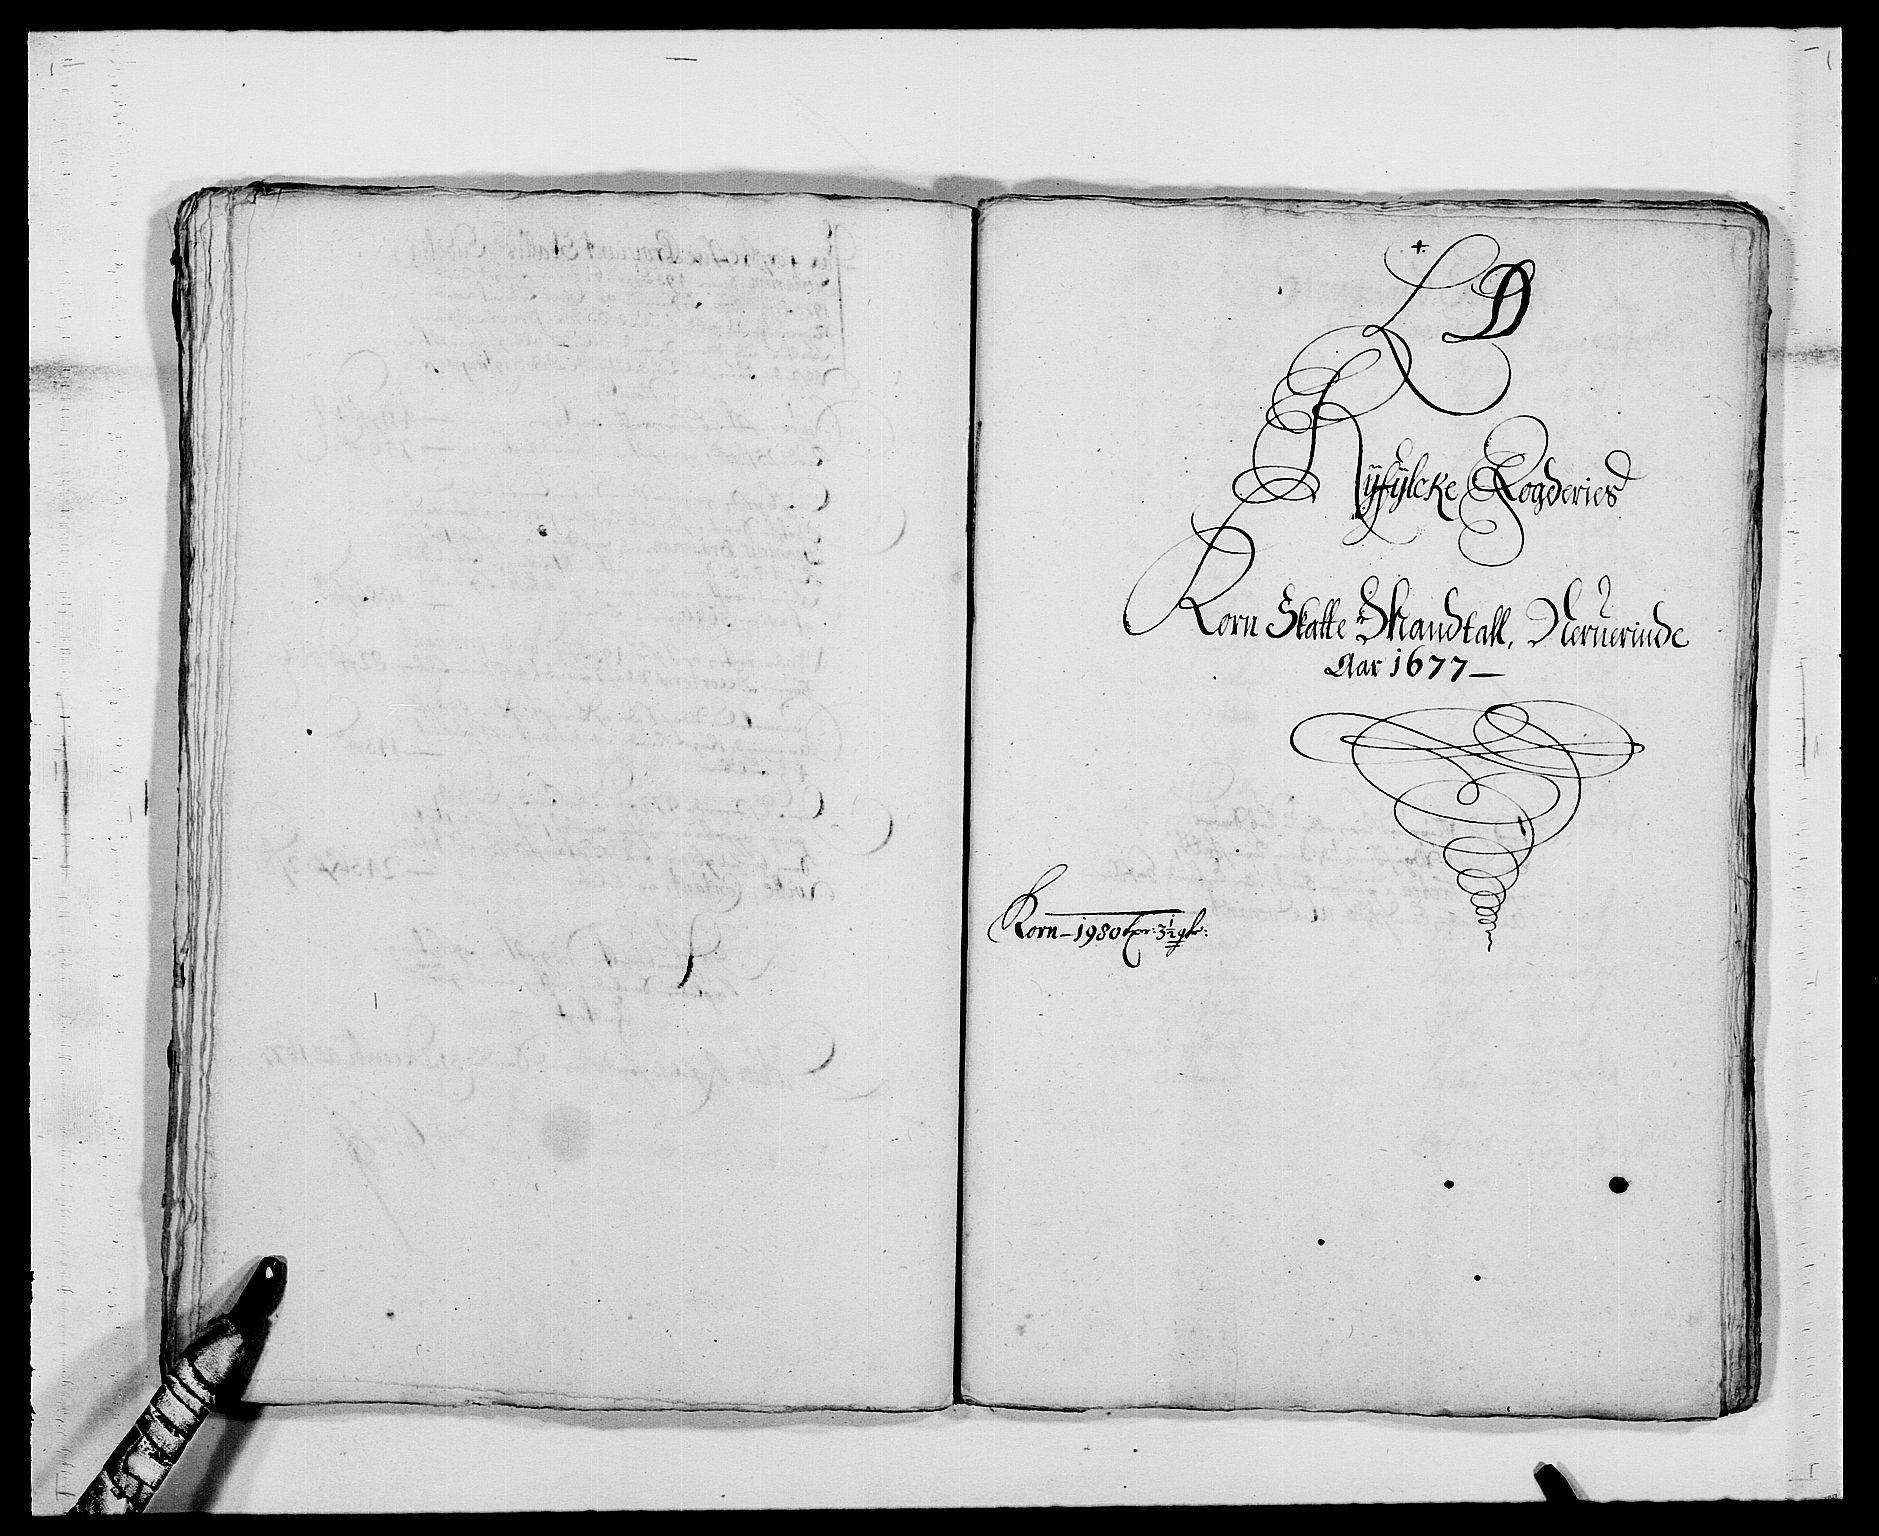 RA, Rentekammeret inntil 1814, Reviderte regnskaper, Fogderegnskap, R47/L2847: Fogderegnskap Ryfylke, 1677, s. 124